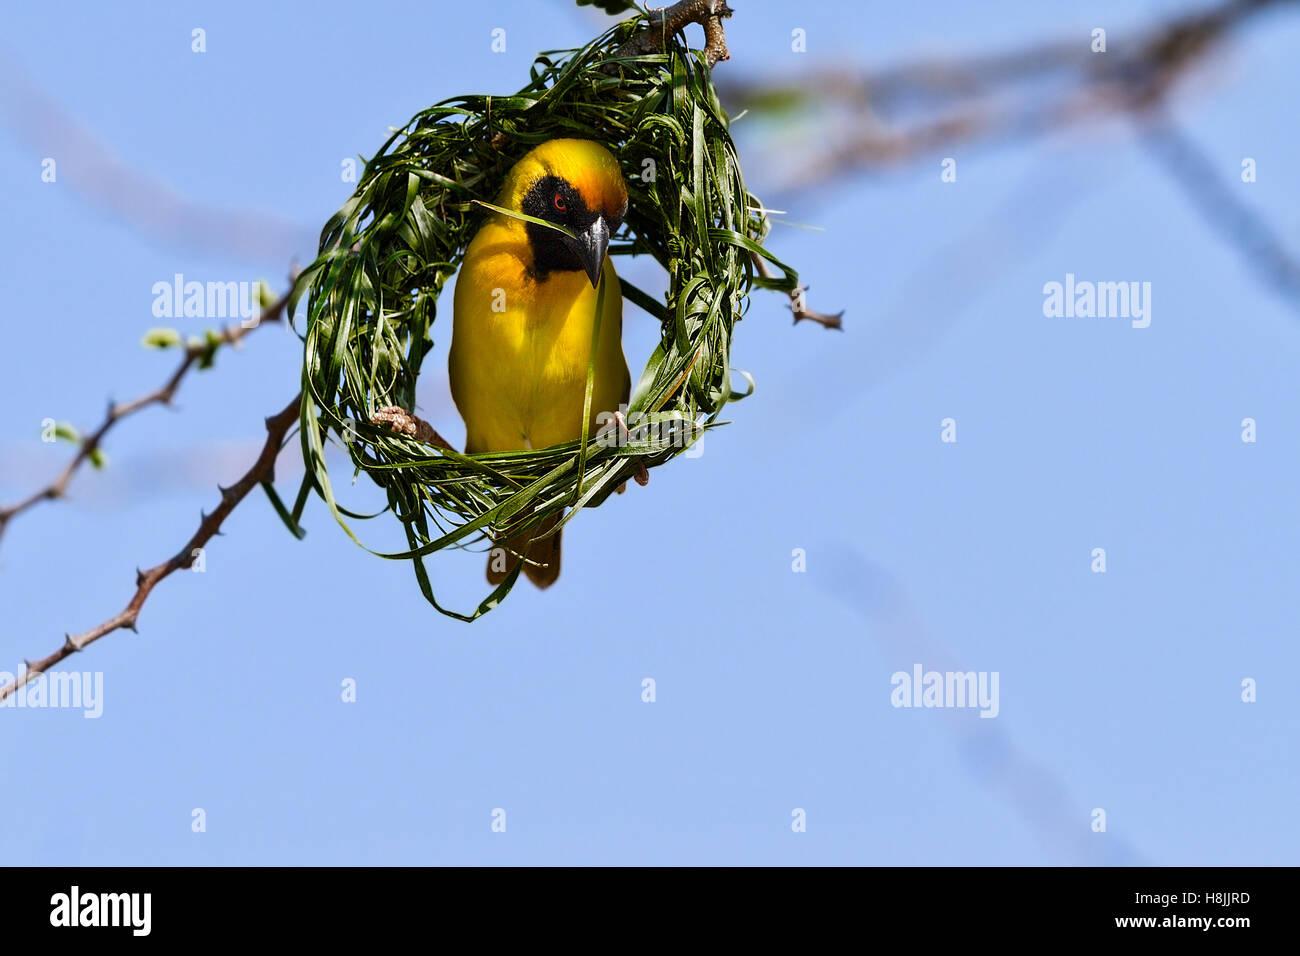 Southern Masked Weaver (Ploceus velatus) nest building, Botswana Stock Photo